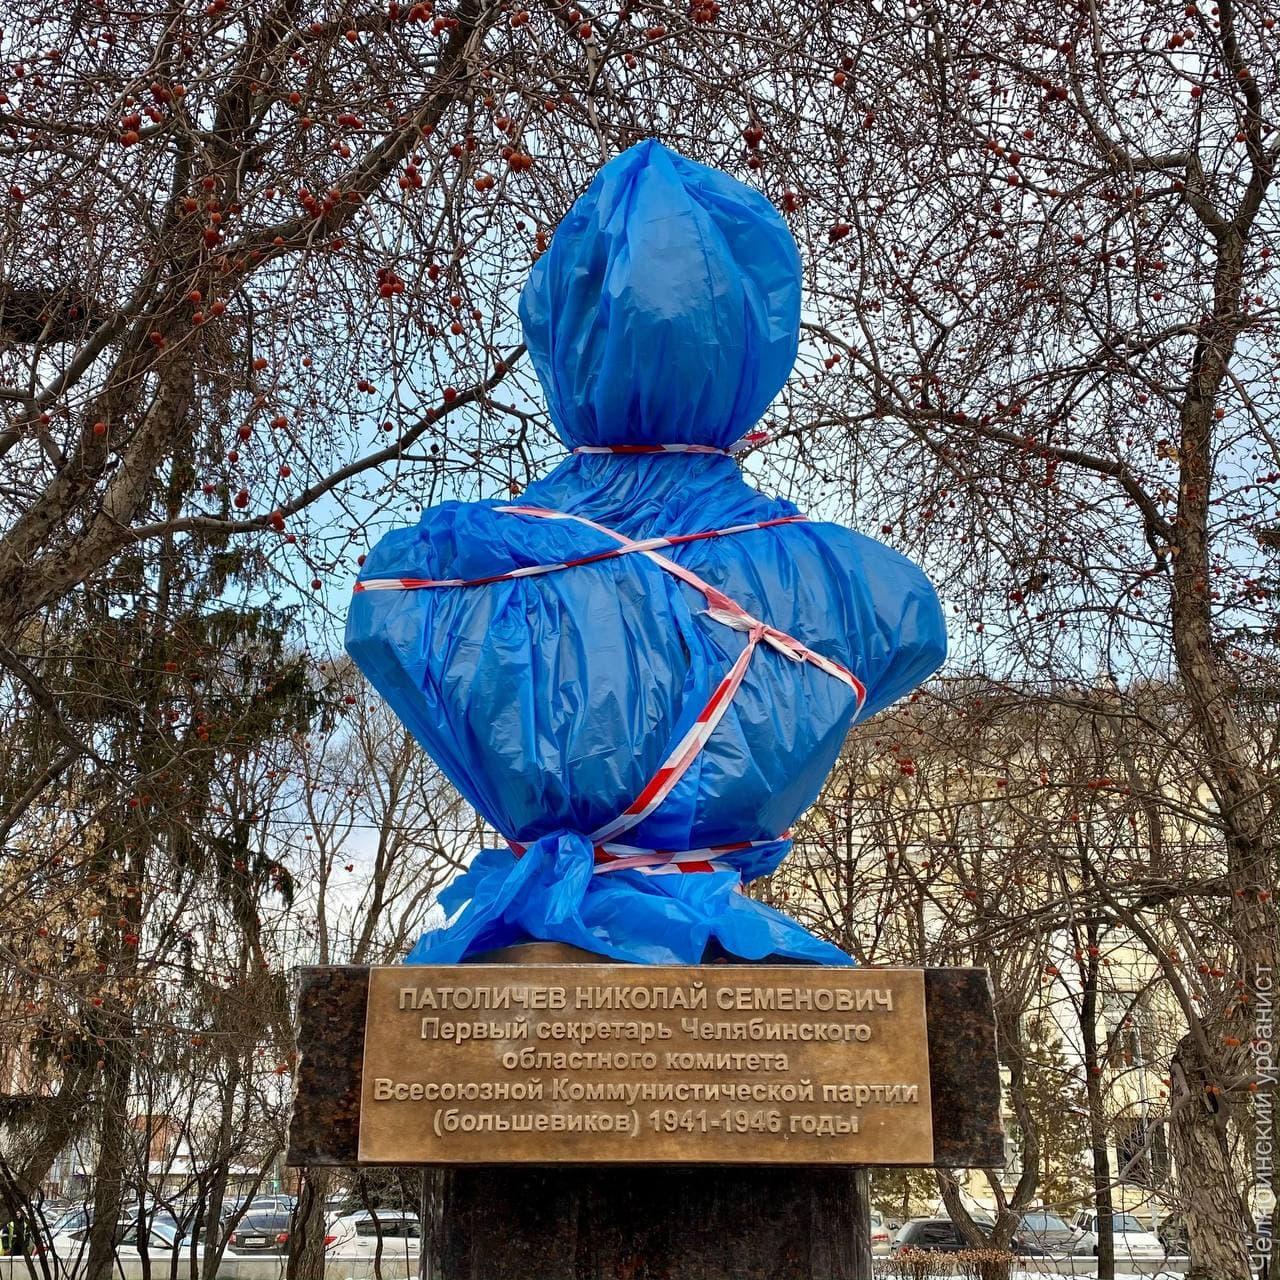 Лев Владов в качестве примера установки памятников «втихую» приводит бюст Николаю Патоличеву на Аллее Славы